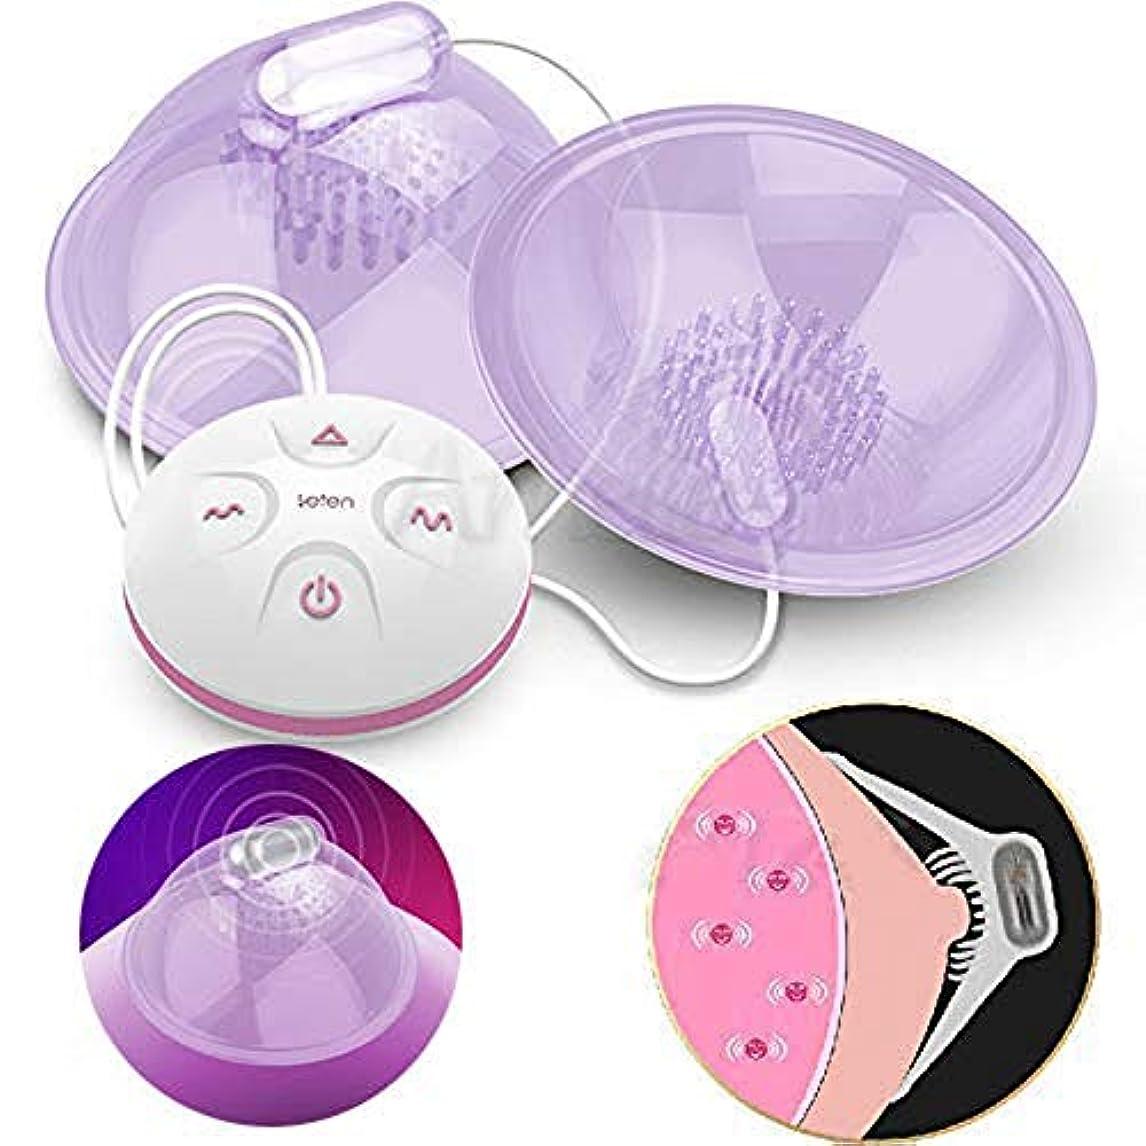 常習者登山家ハドル充電式Ni-ppleマッサージャー胸胸部刺激装置エンハンサー玩具女性、小売ボックス付き10スピードスピードモード電動ポンプ吸盤